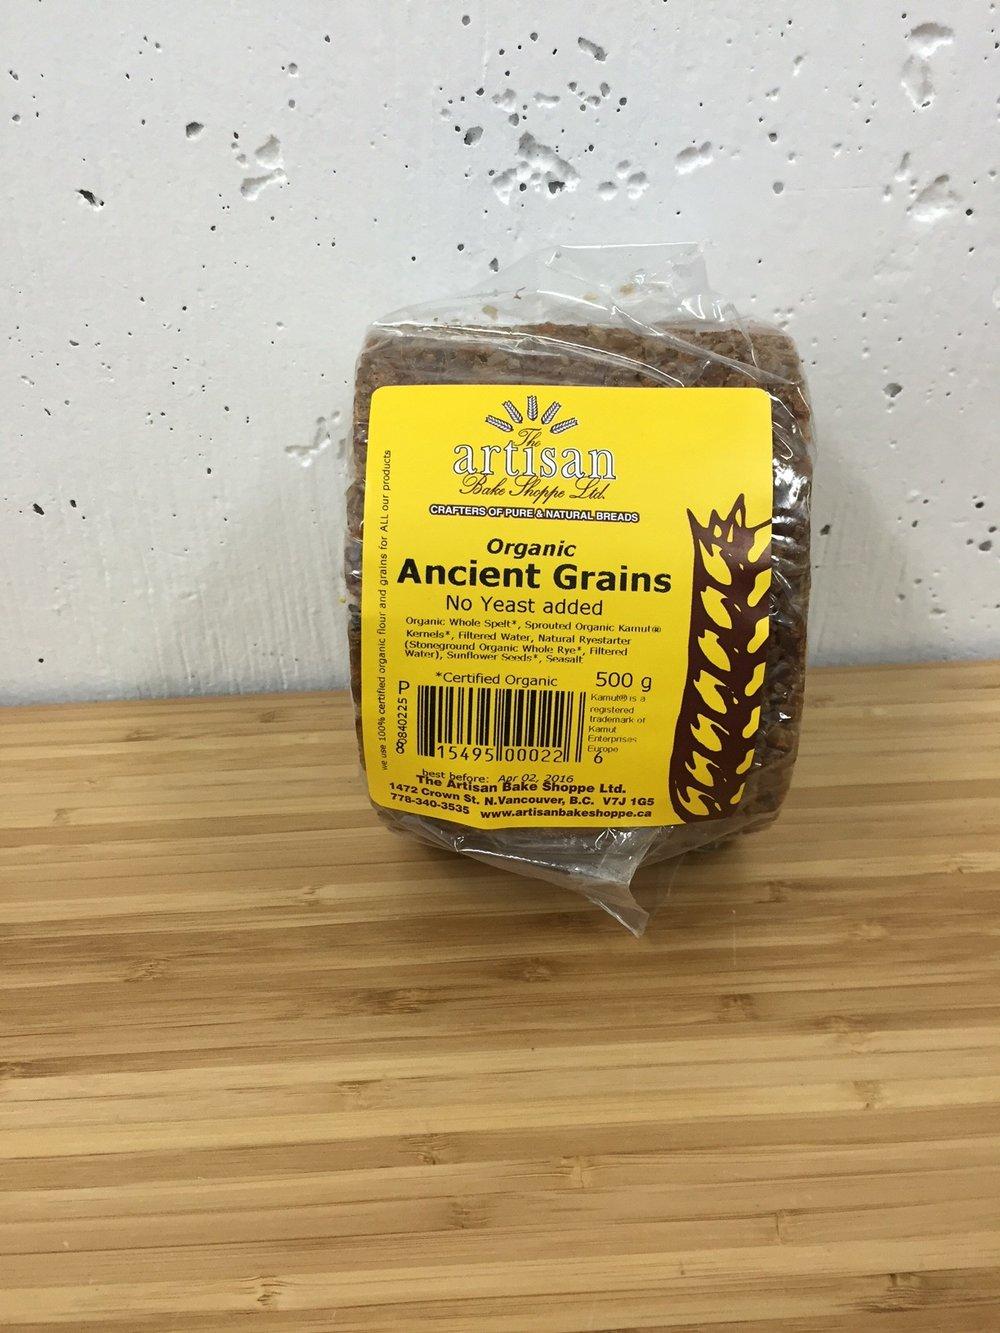 Ancient-grains-e1458336461554.jpg